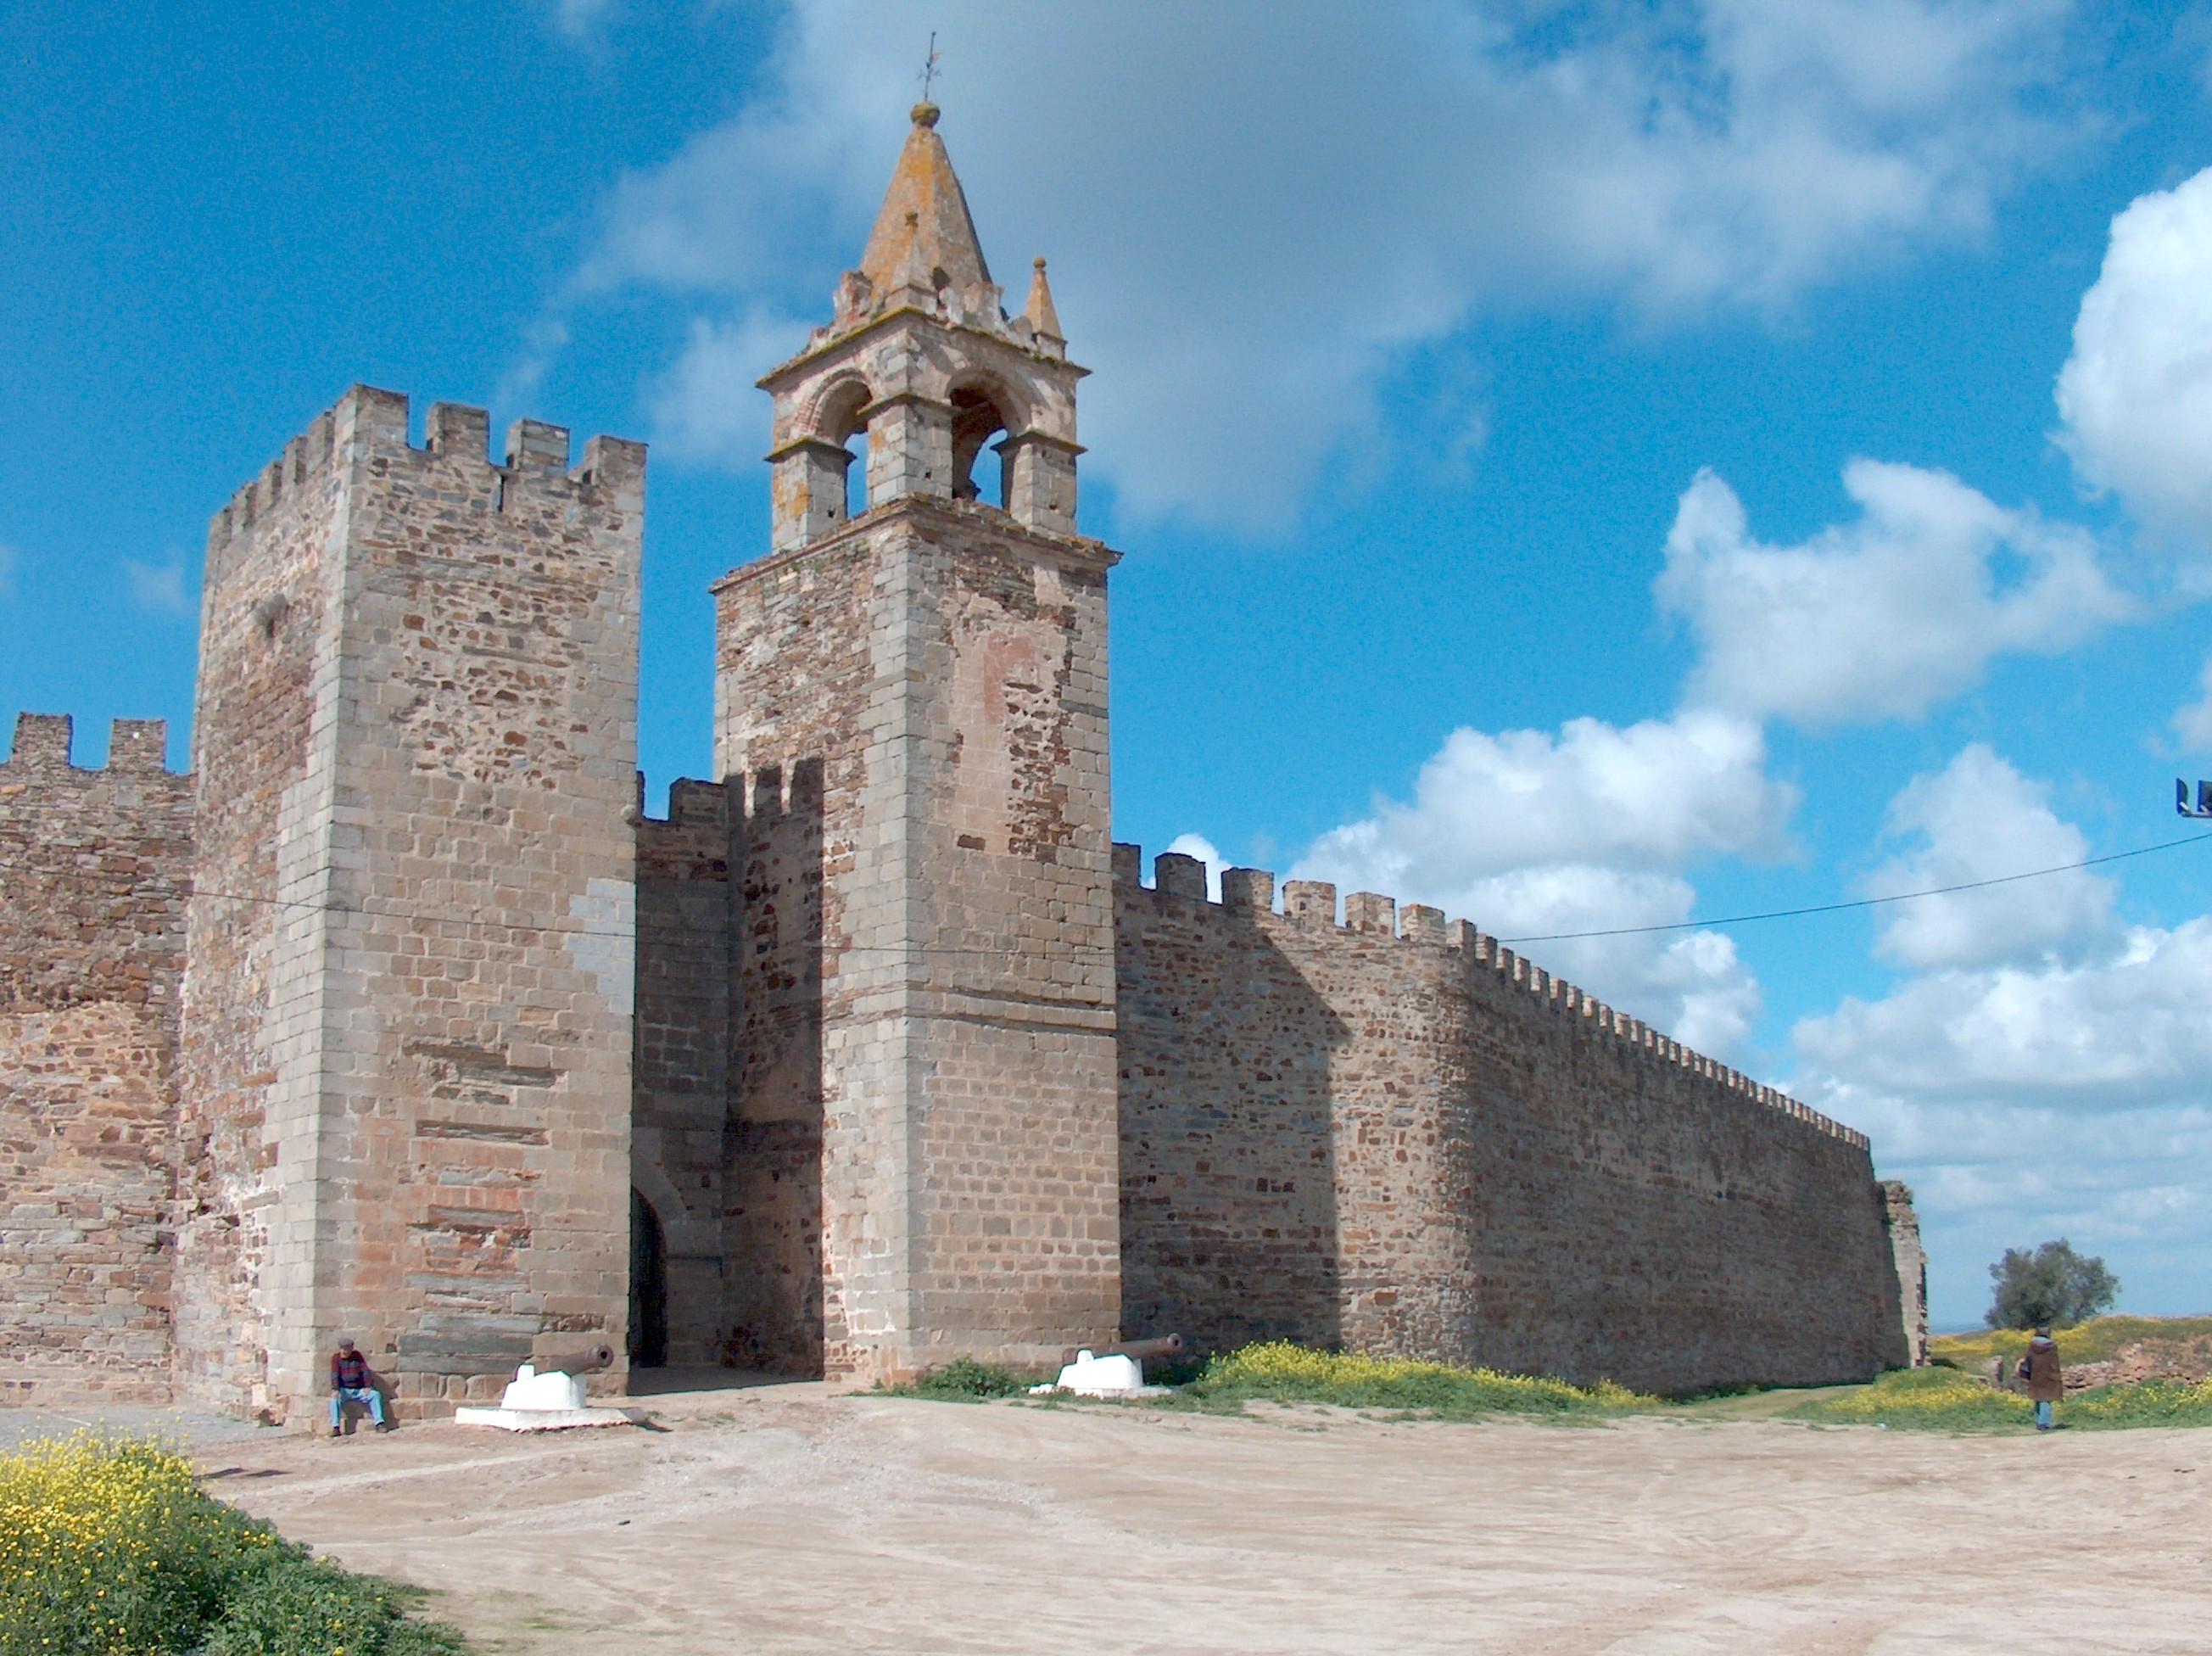 Raio danifica uma das torres do Castelo de Mourão